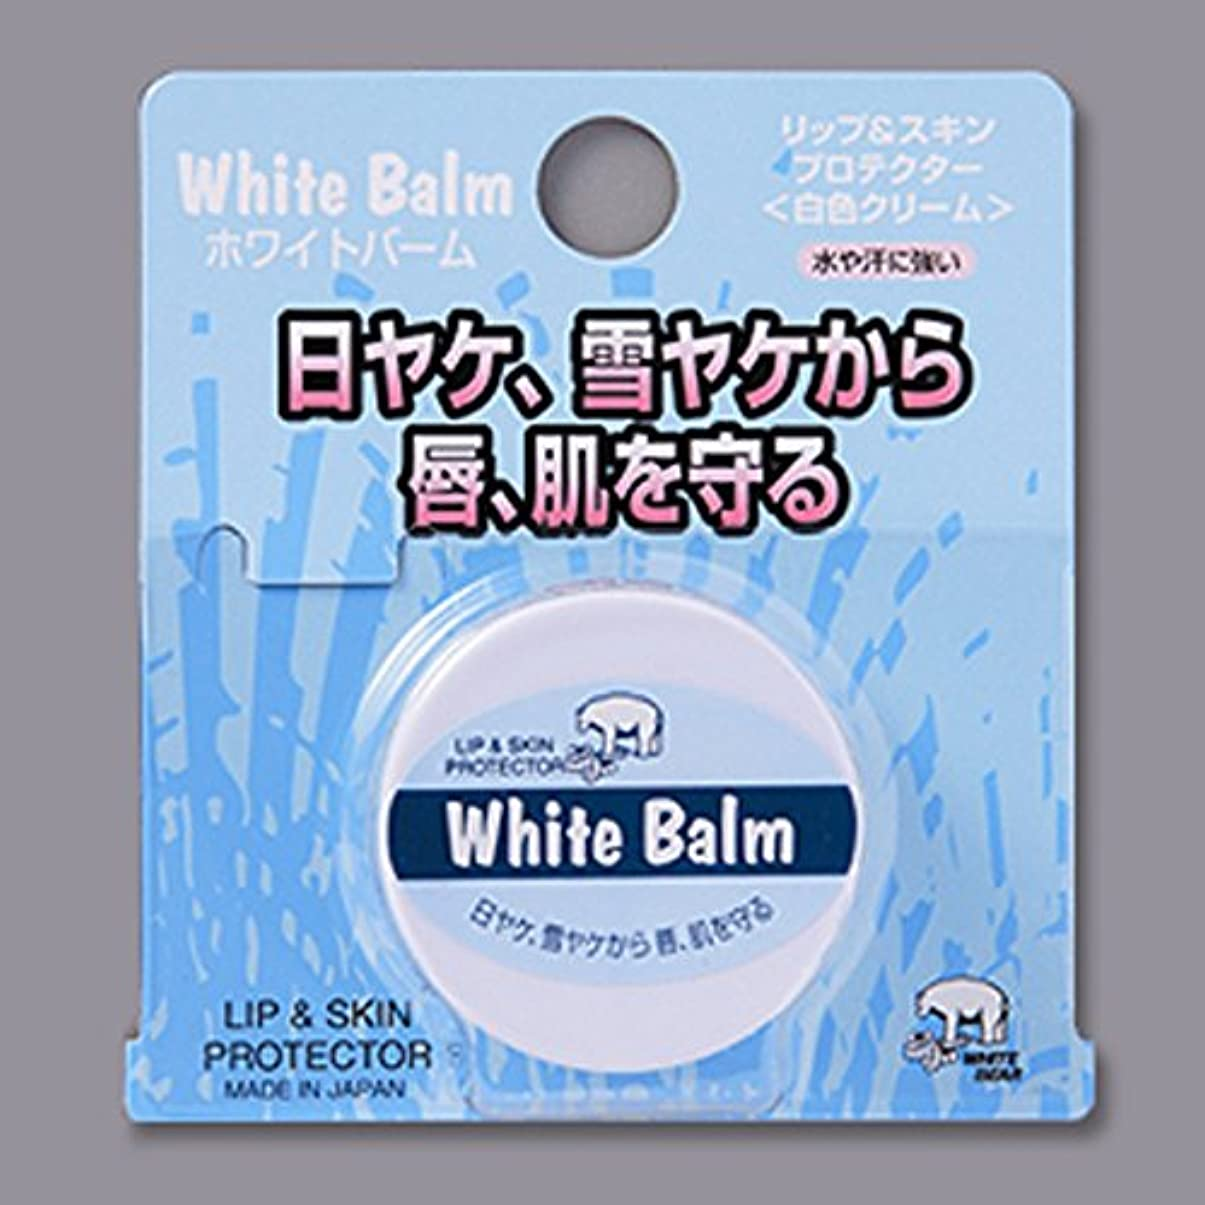 ライラック種をまくみホワイトバーム リップ&スキンプロテクター 白色クリーム 強力日焼け止め No.555